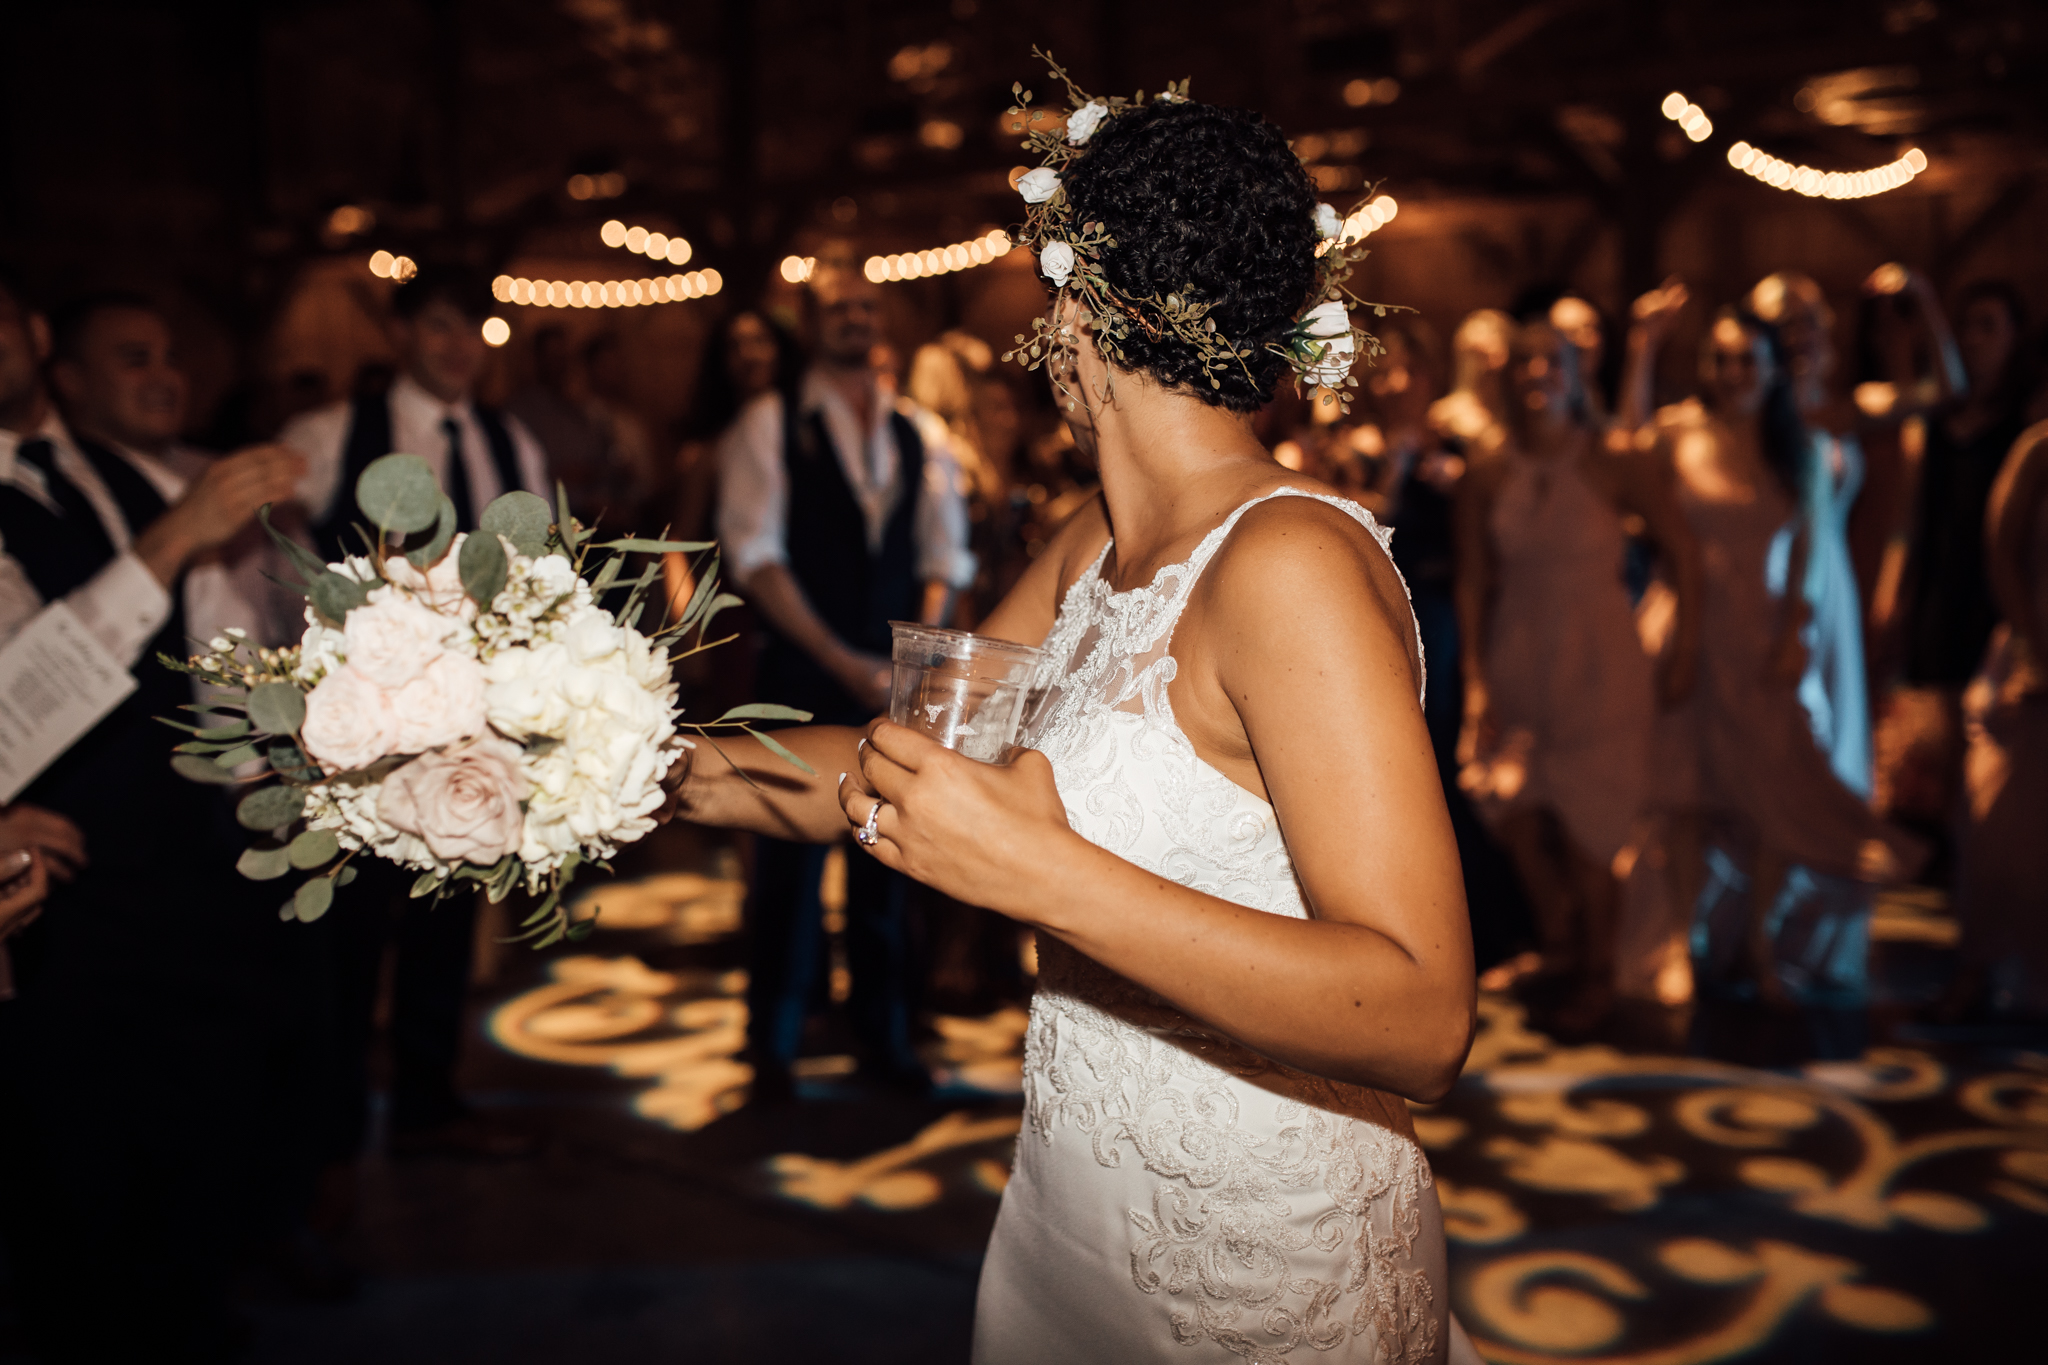 saddlewoodsfarms-nashville-wedding-photographer-thewarmtharoundyou-rustic-wedding (115 of 251).jpg